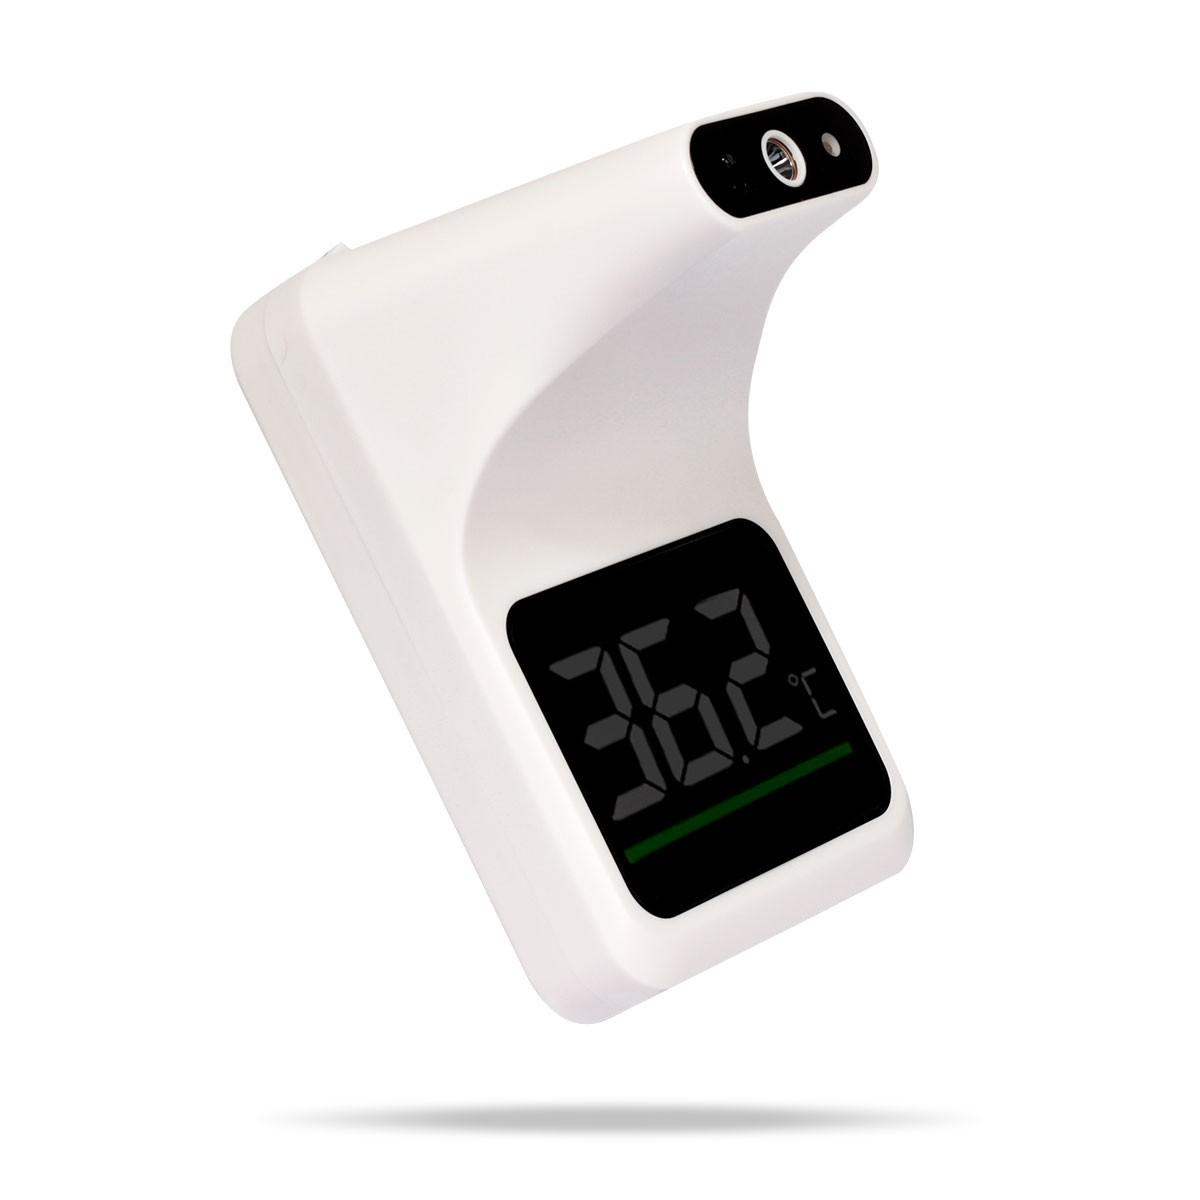 Termometro de Parede Digital Infravermelho - Ortho Pauher